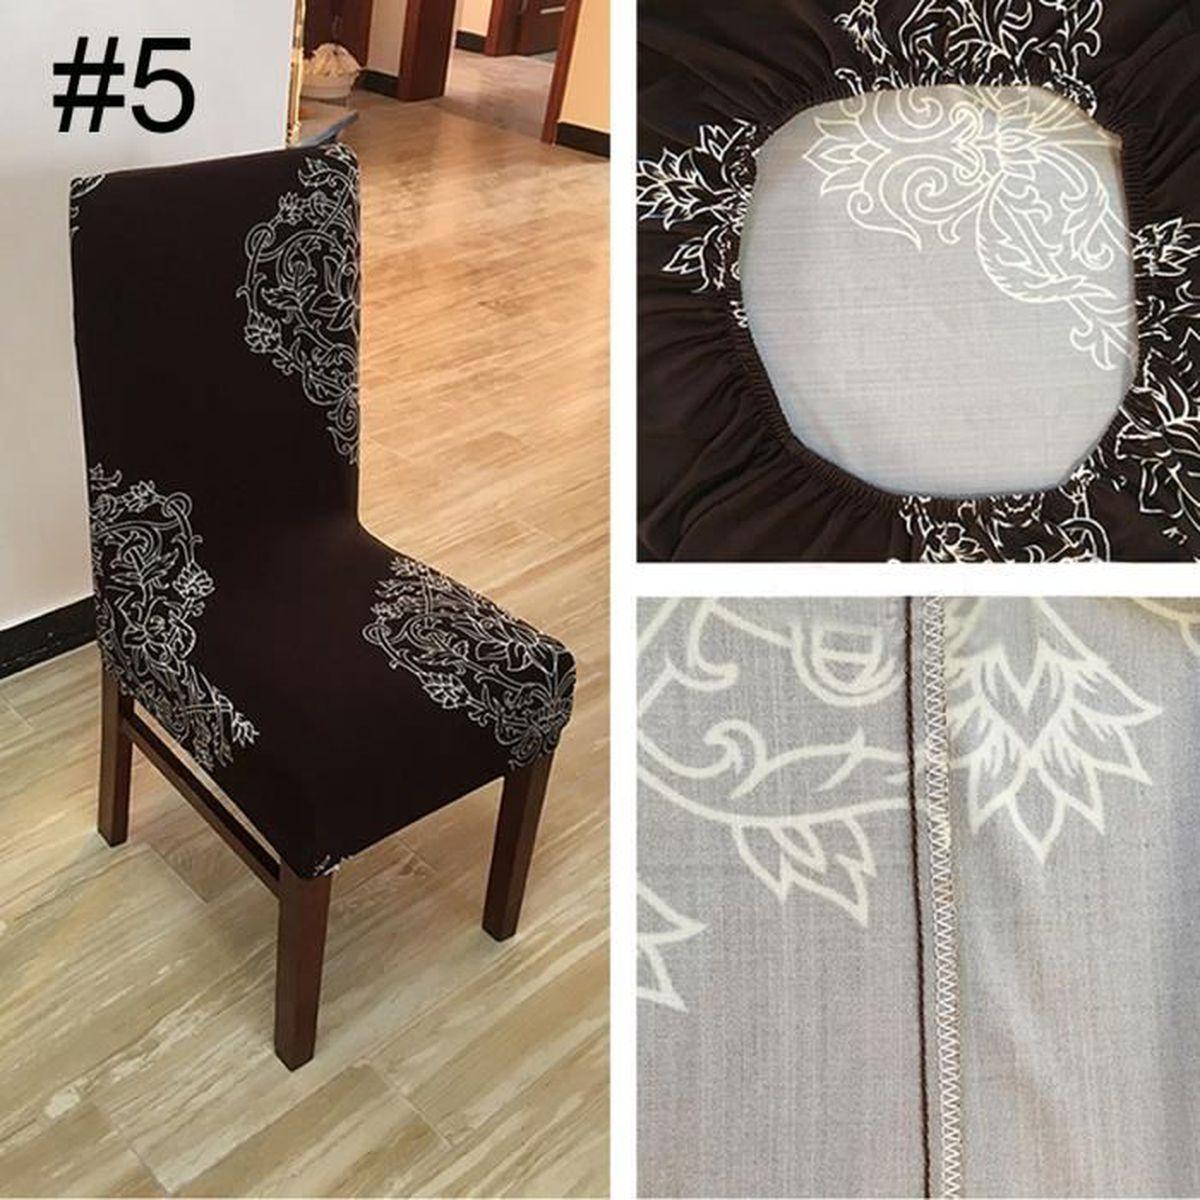 banquette de salle a manger achat vente banquette de. Black Bedroom Furniture Sets. Home Design Ideas